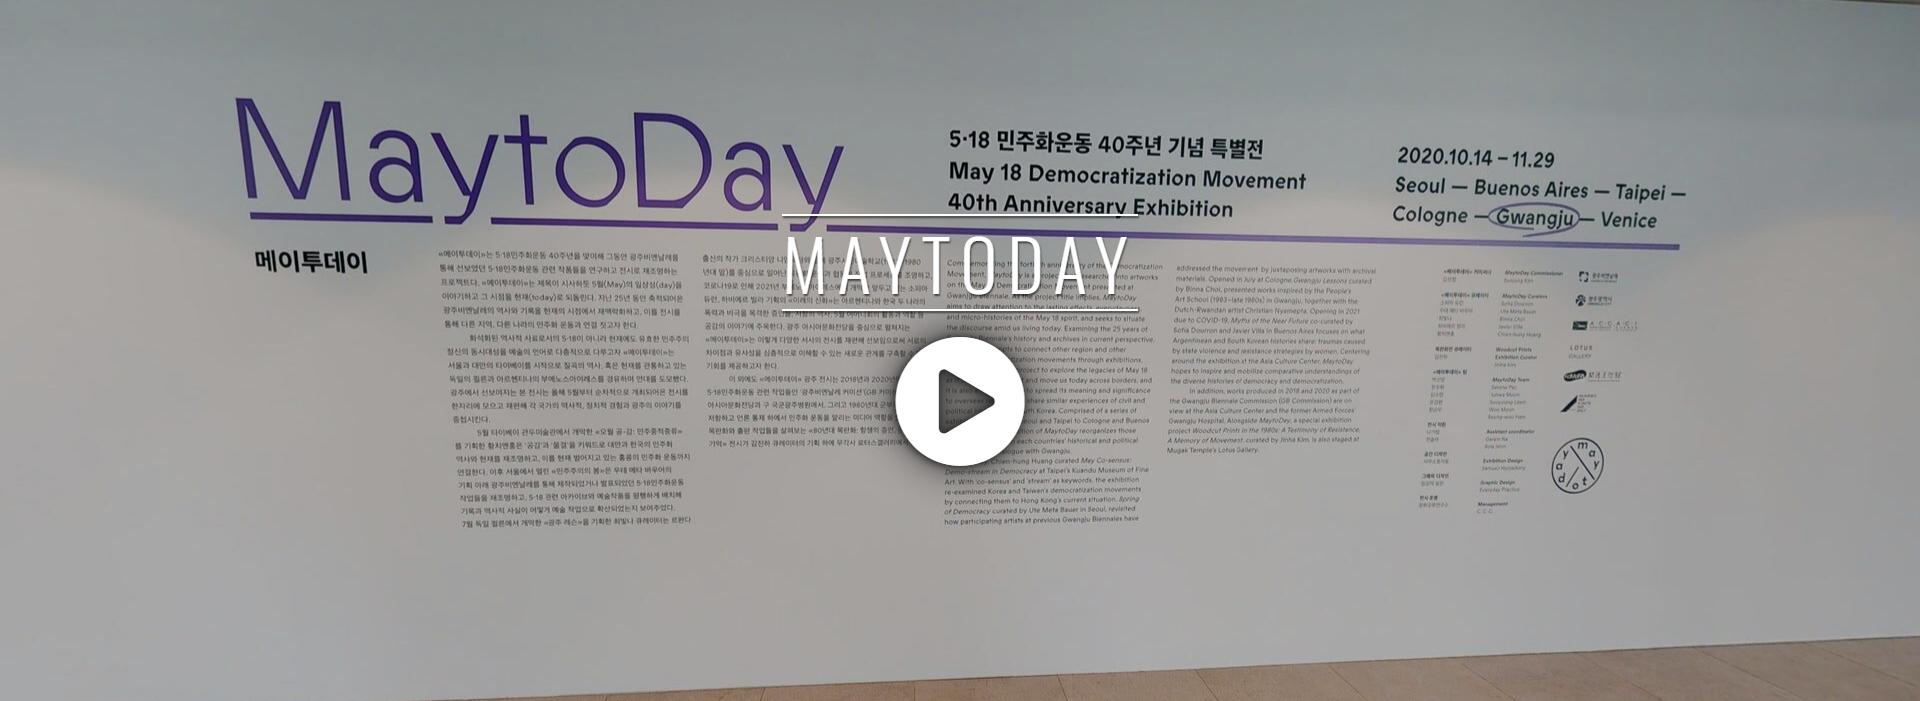 광주민주화운동 40주년 특별전 MaytoDay 온라인 전시 3D VR